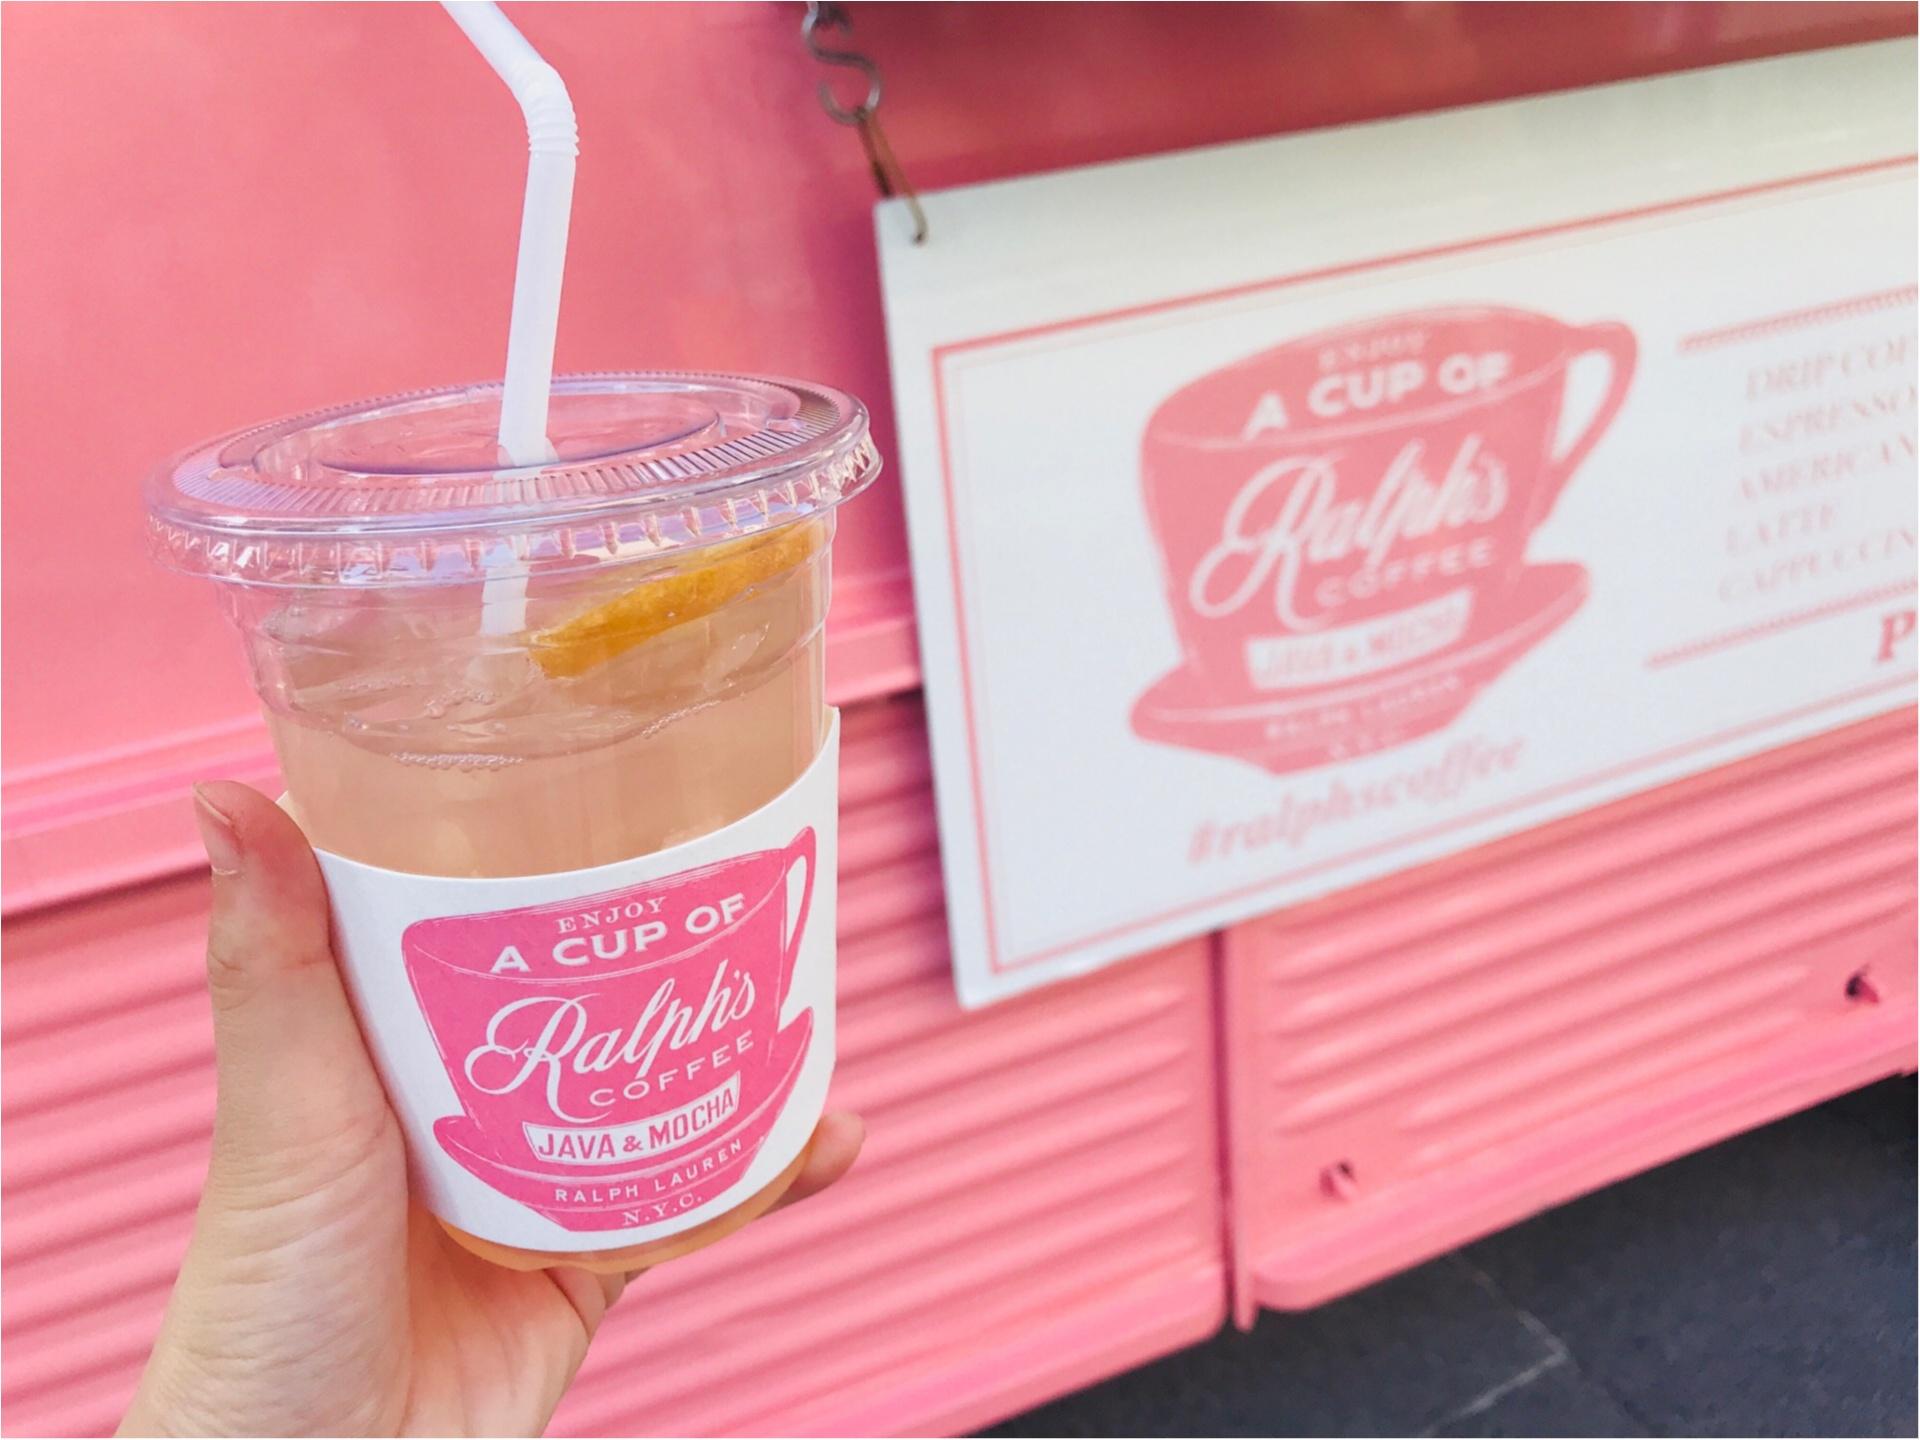 期間限定で《ラルフズコーヒートラック》がピンク色に!限定ピンクレモネードが美味♡_4